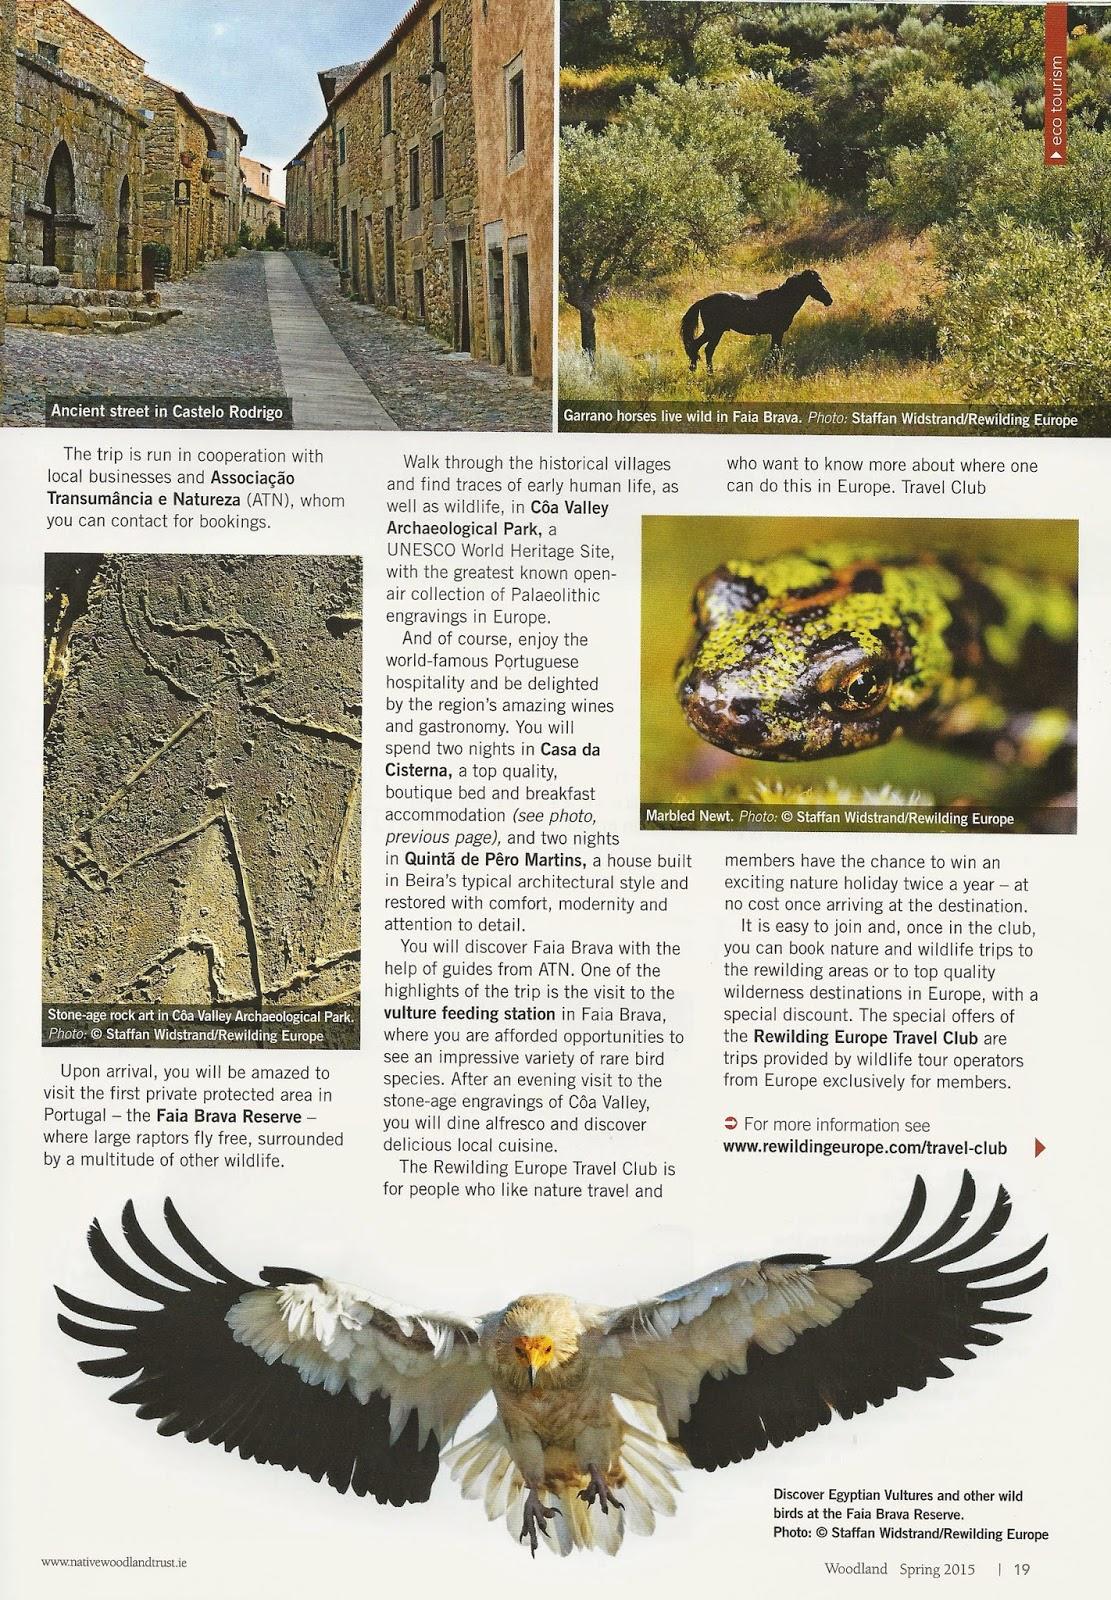 5e231147b2 A notícia inclui um conjunto de sugestões para desfrutar da paisagem e da  região e faz ainda menção ao último grande prémio do Travel Club Rewilding  Europe